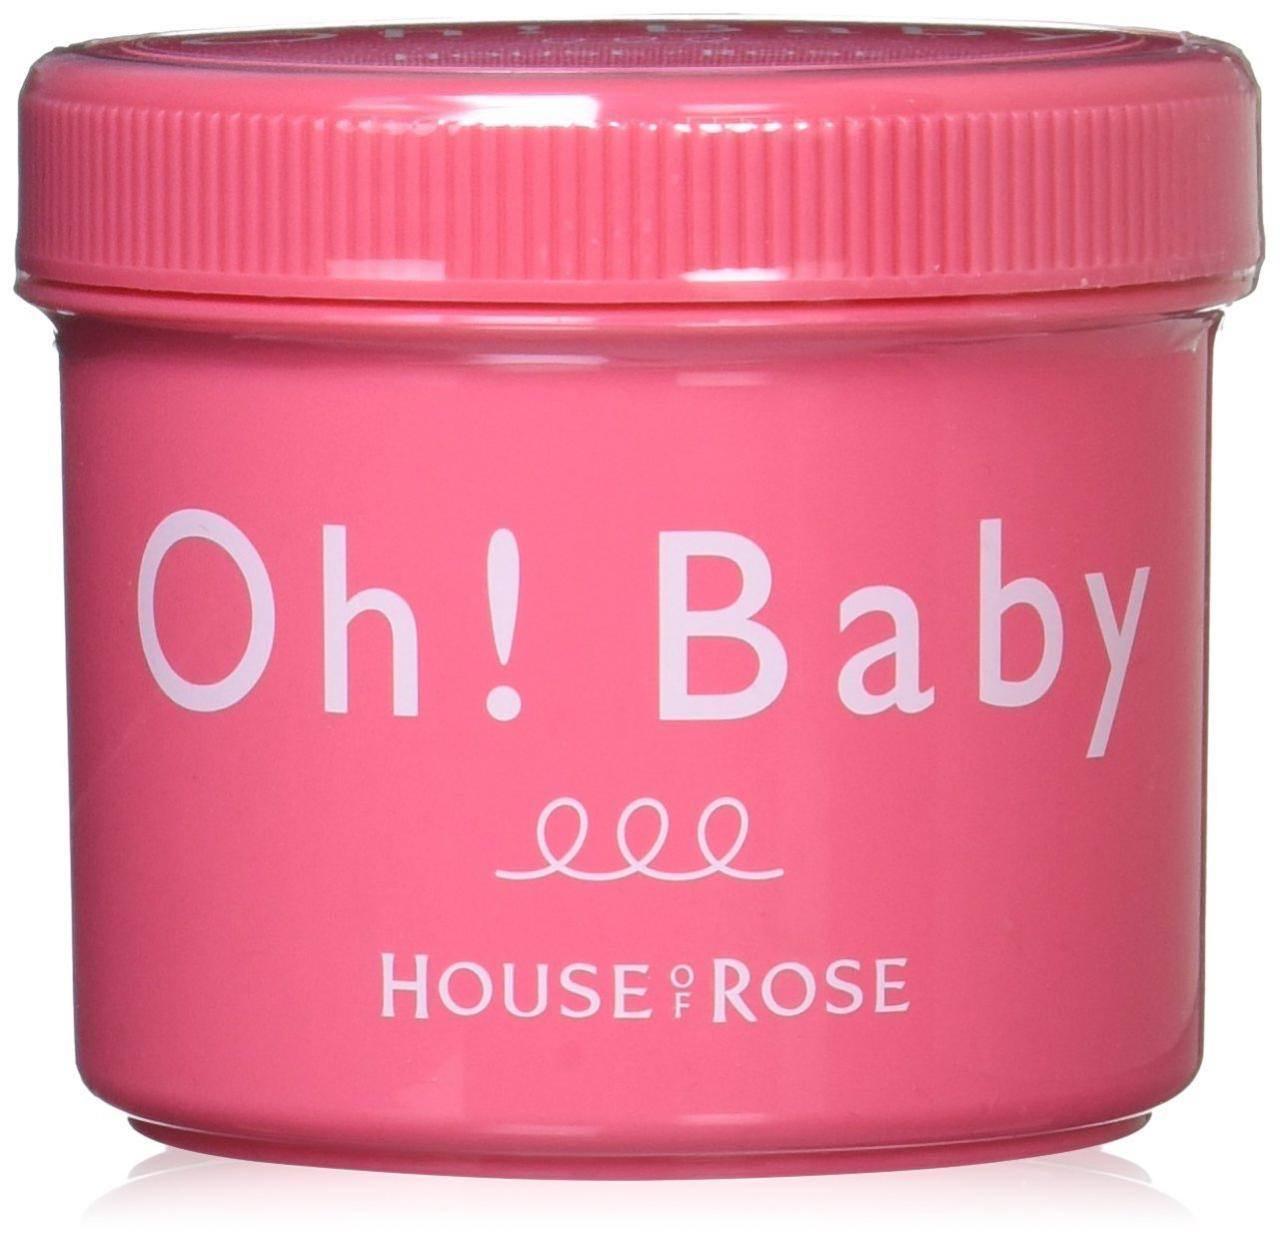 ハウス オブ ローゼ Oh! Baby ボディ スムーザー N